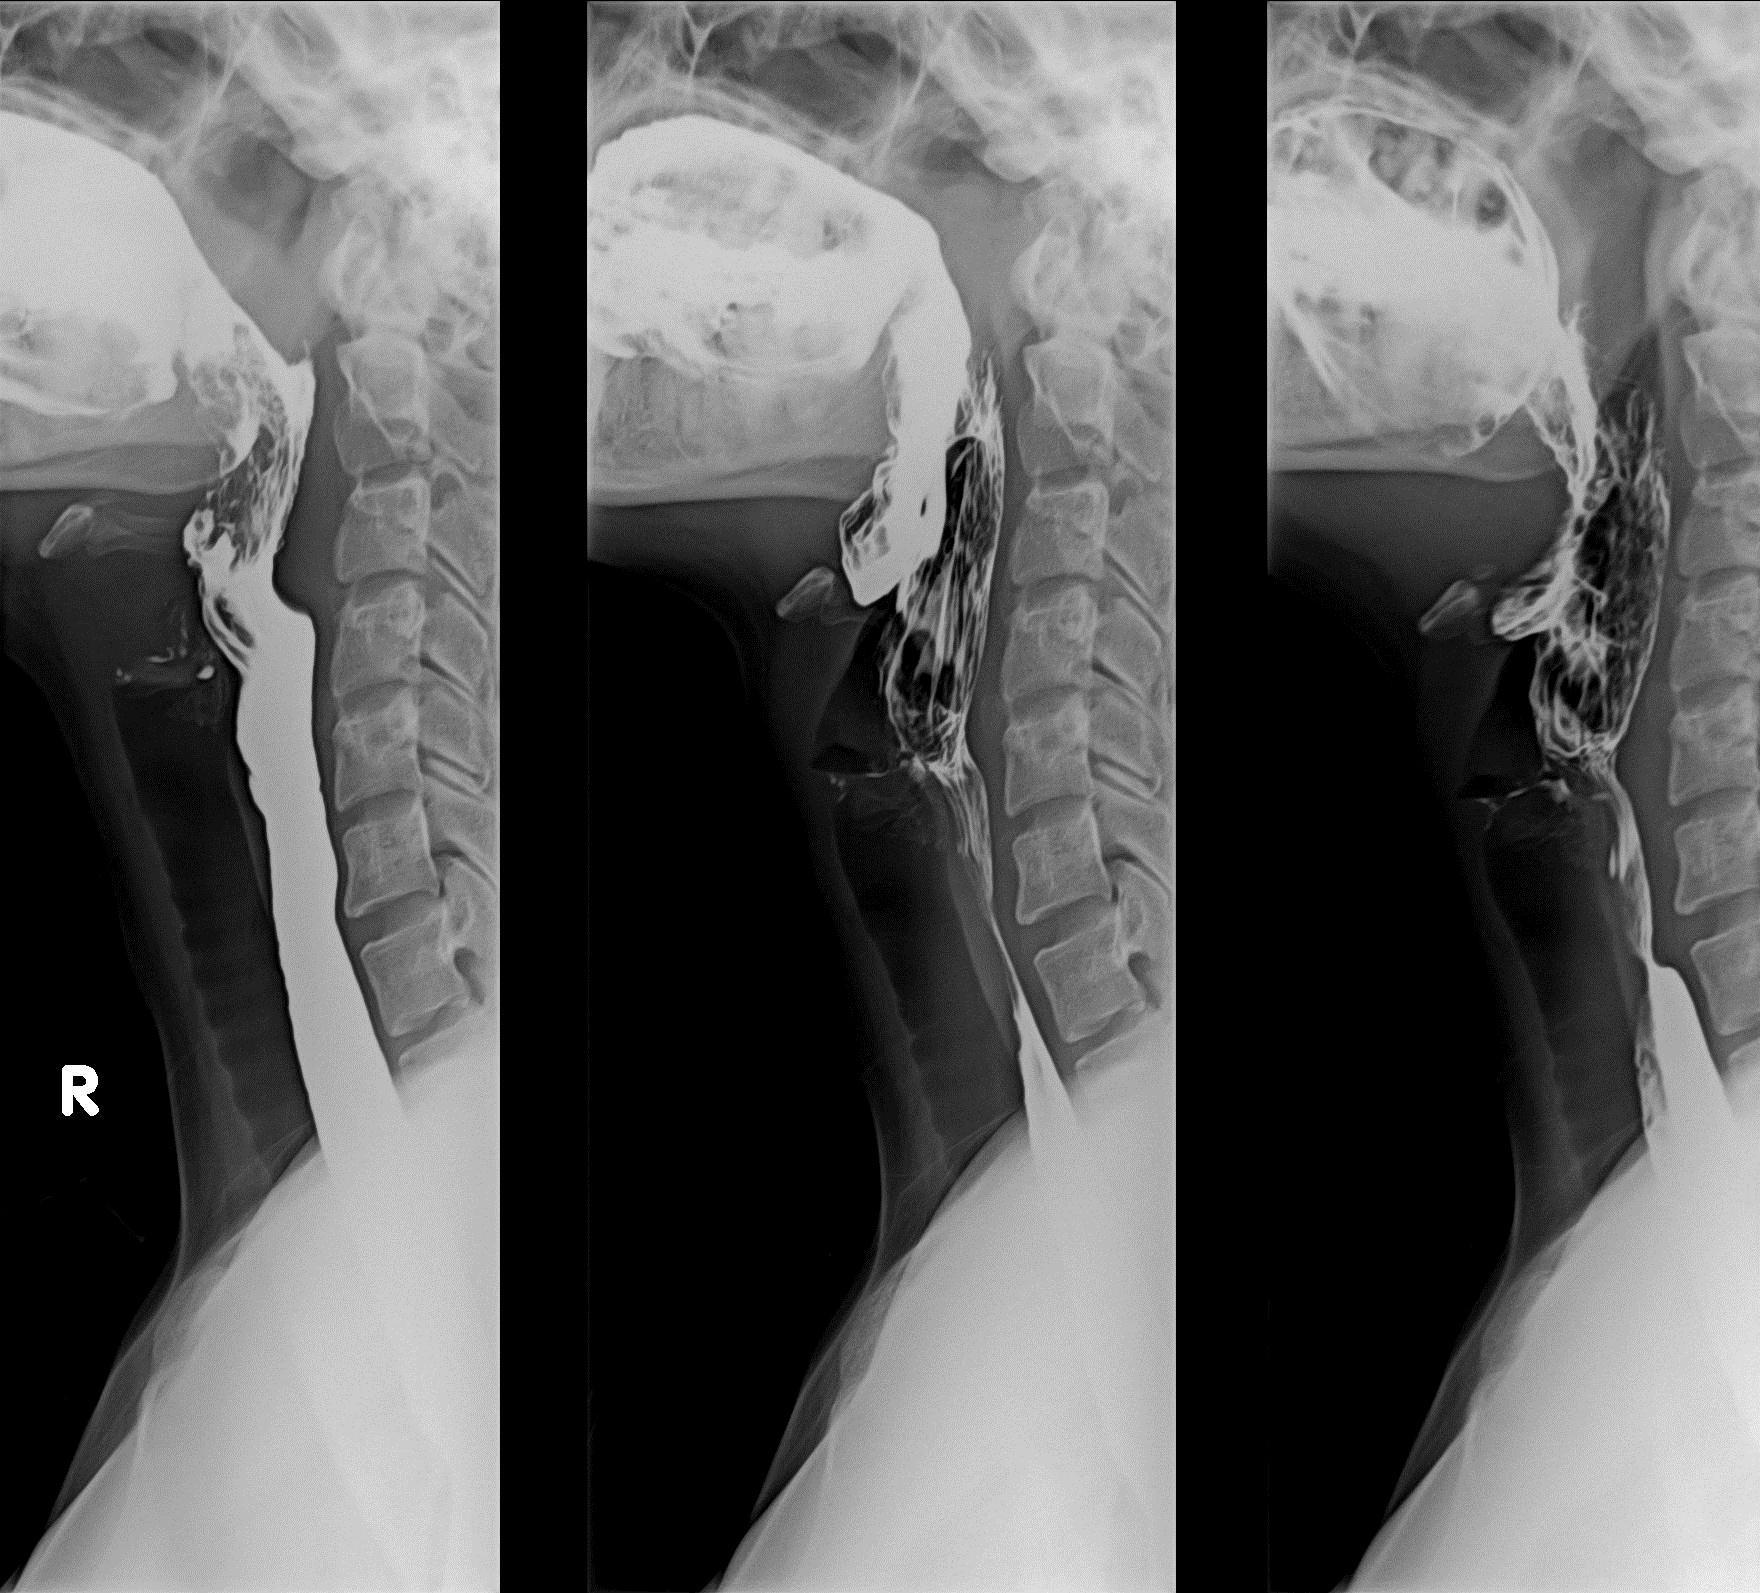 Barium Swallow/ Esofagograma